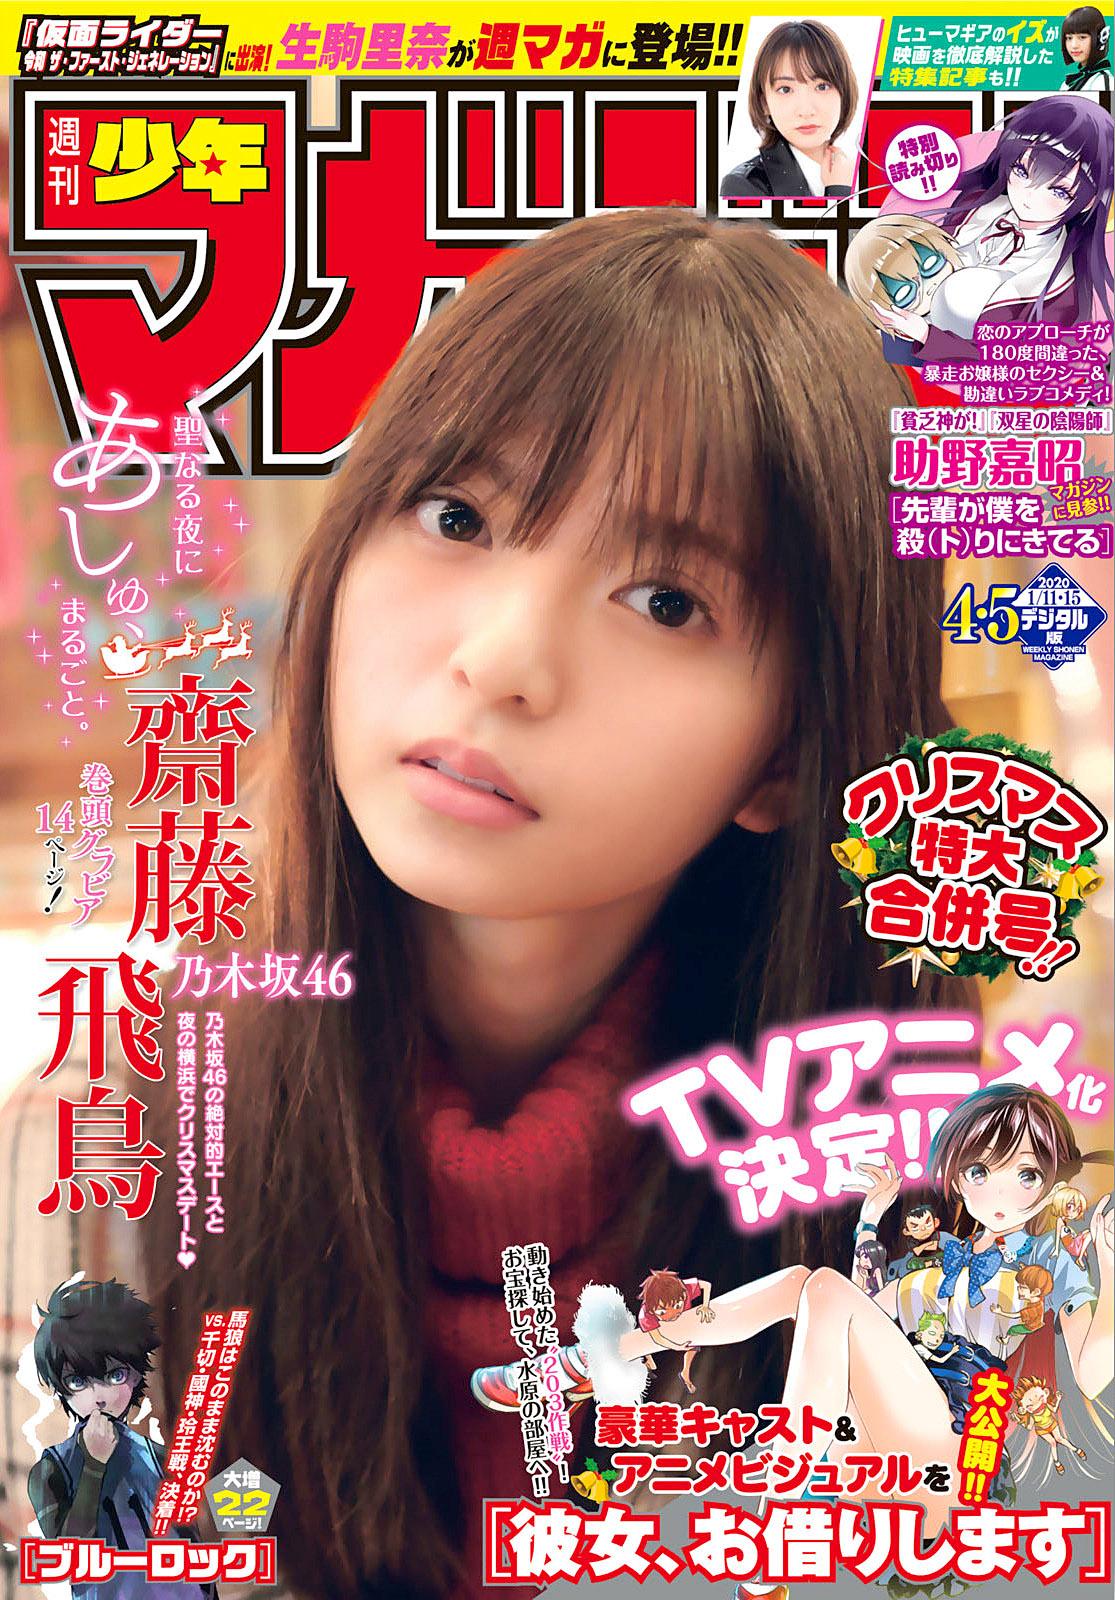 SAsuka Shonen Magazine 200111 01.jpg